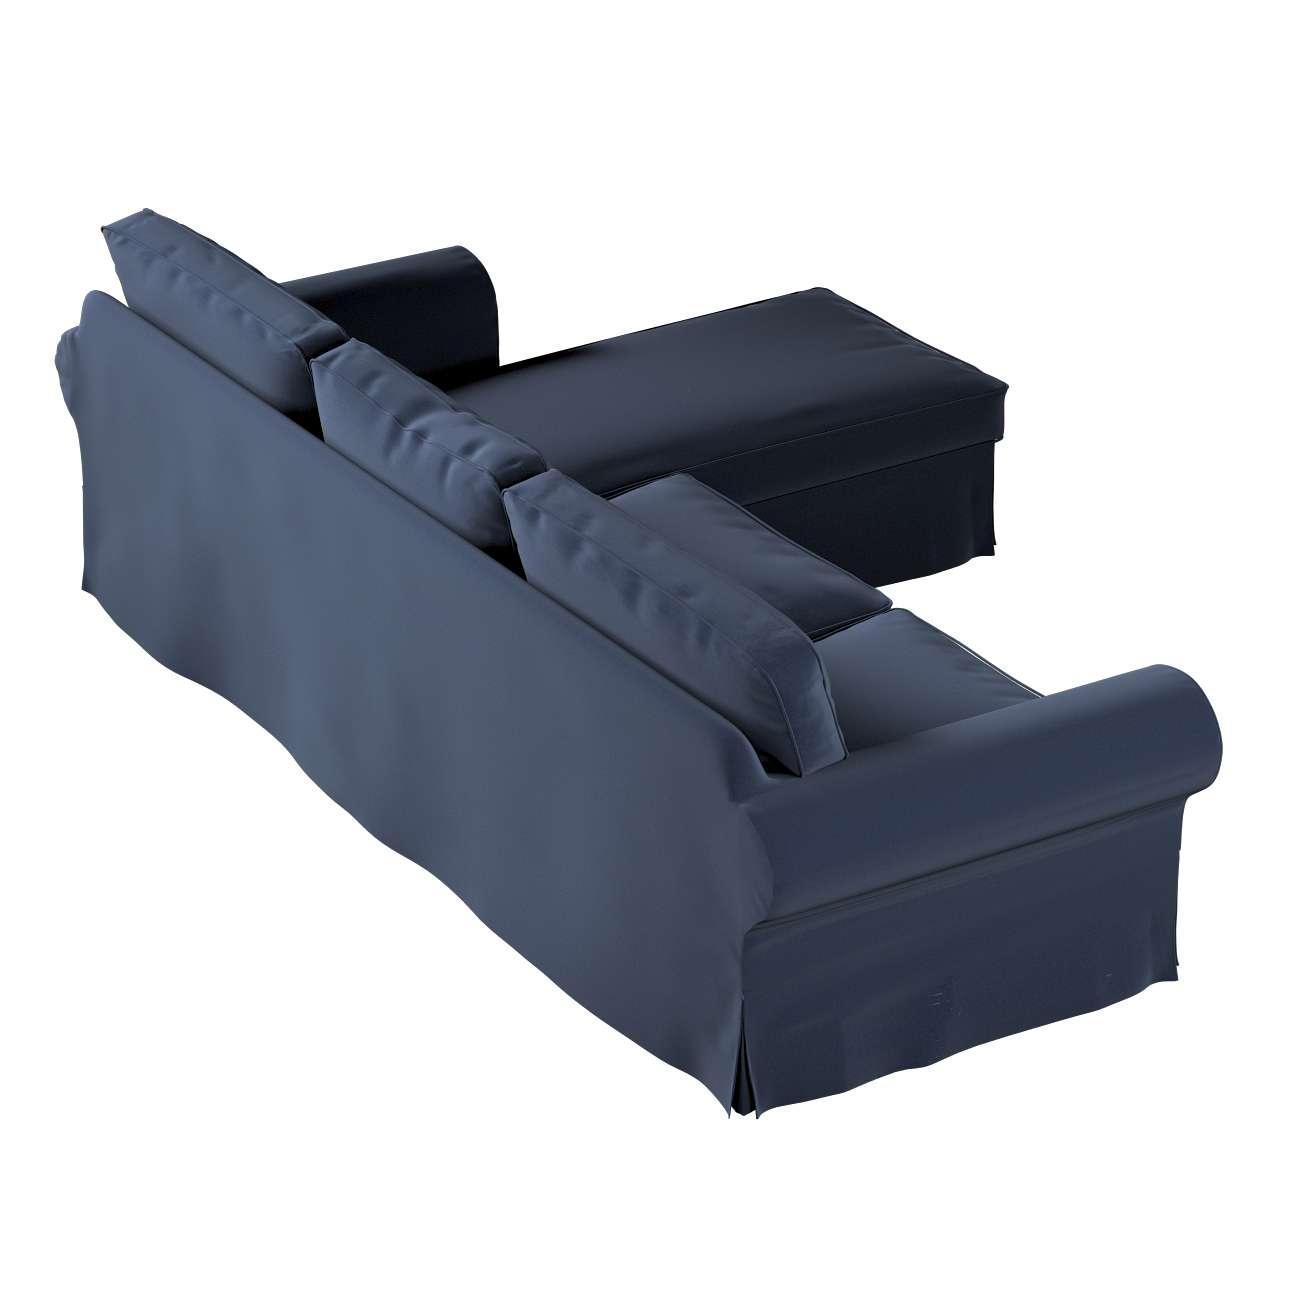 Pokrowiec na sofę Ektorp 2-osobową i leżankę w kolekcji Ingrid, tkanina: 705-39